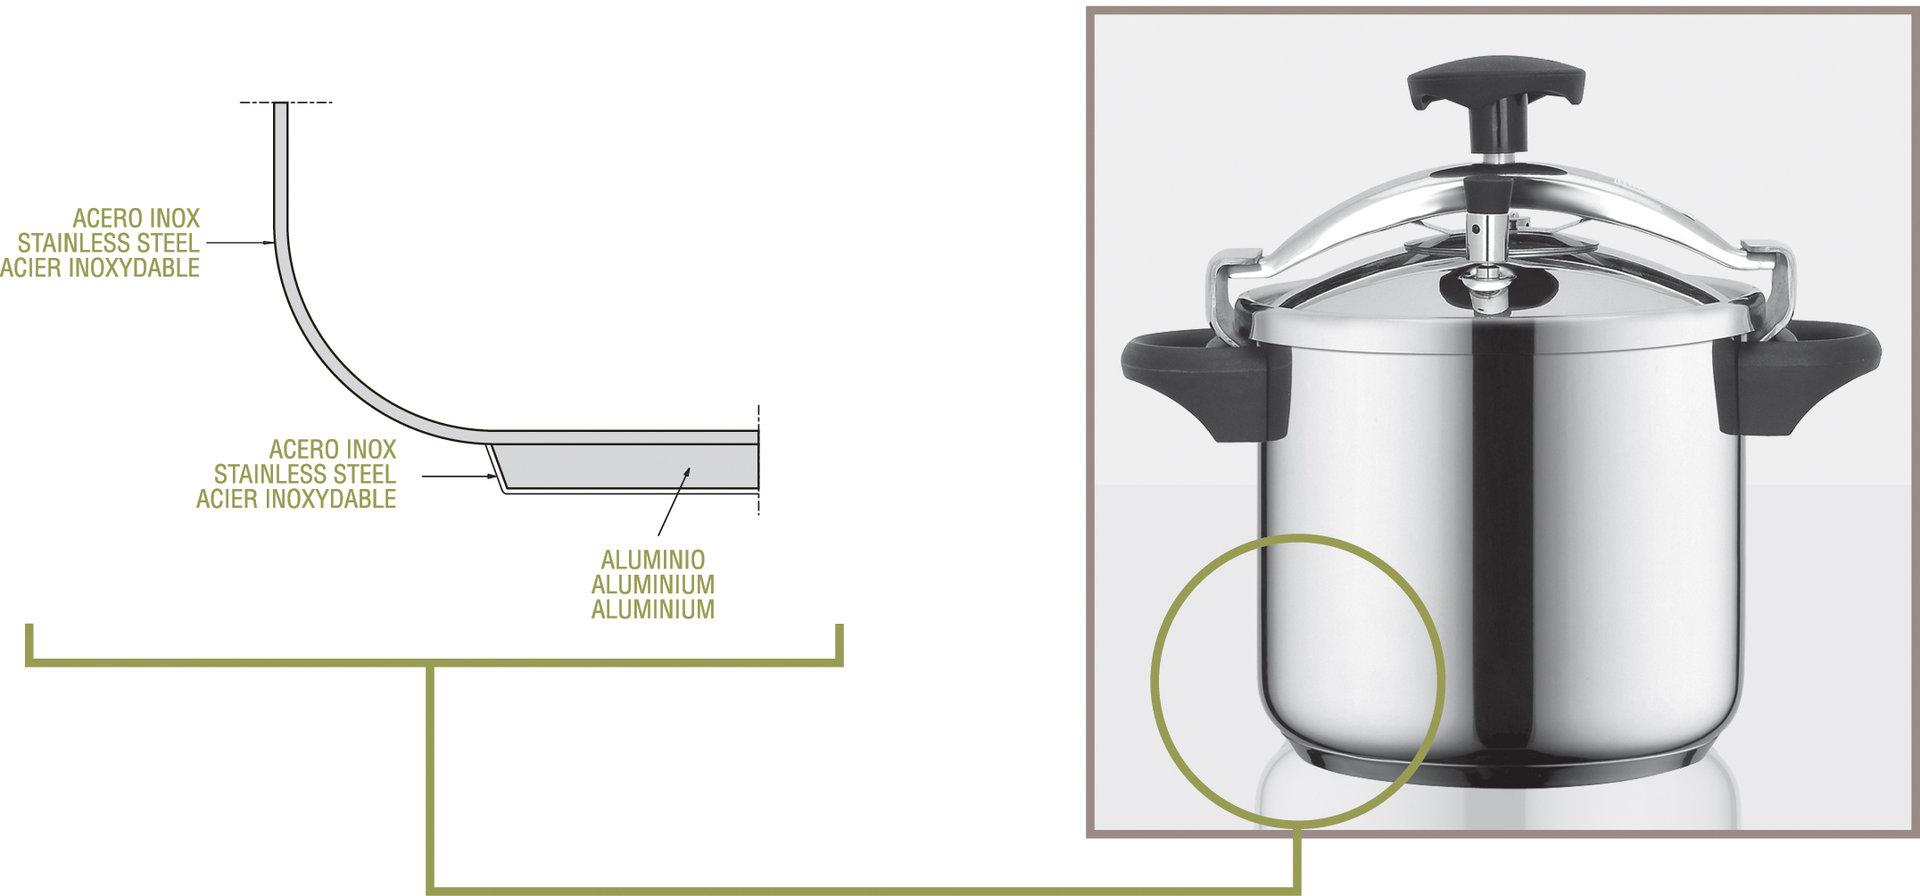 10liter schnellkochtopf aus edelstahl mit einsatz t v gs. Black Bedroom Furniture Sets. Home Design Ideas